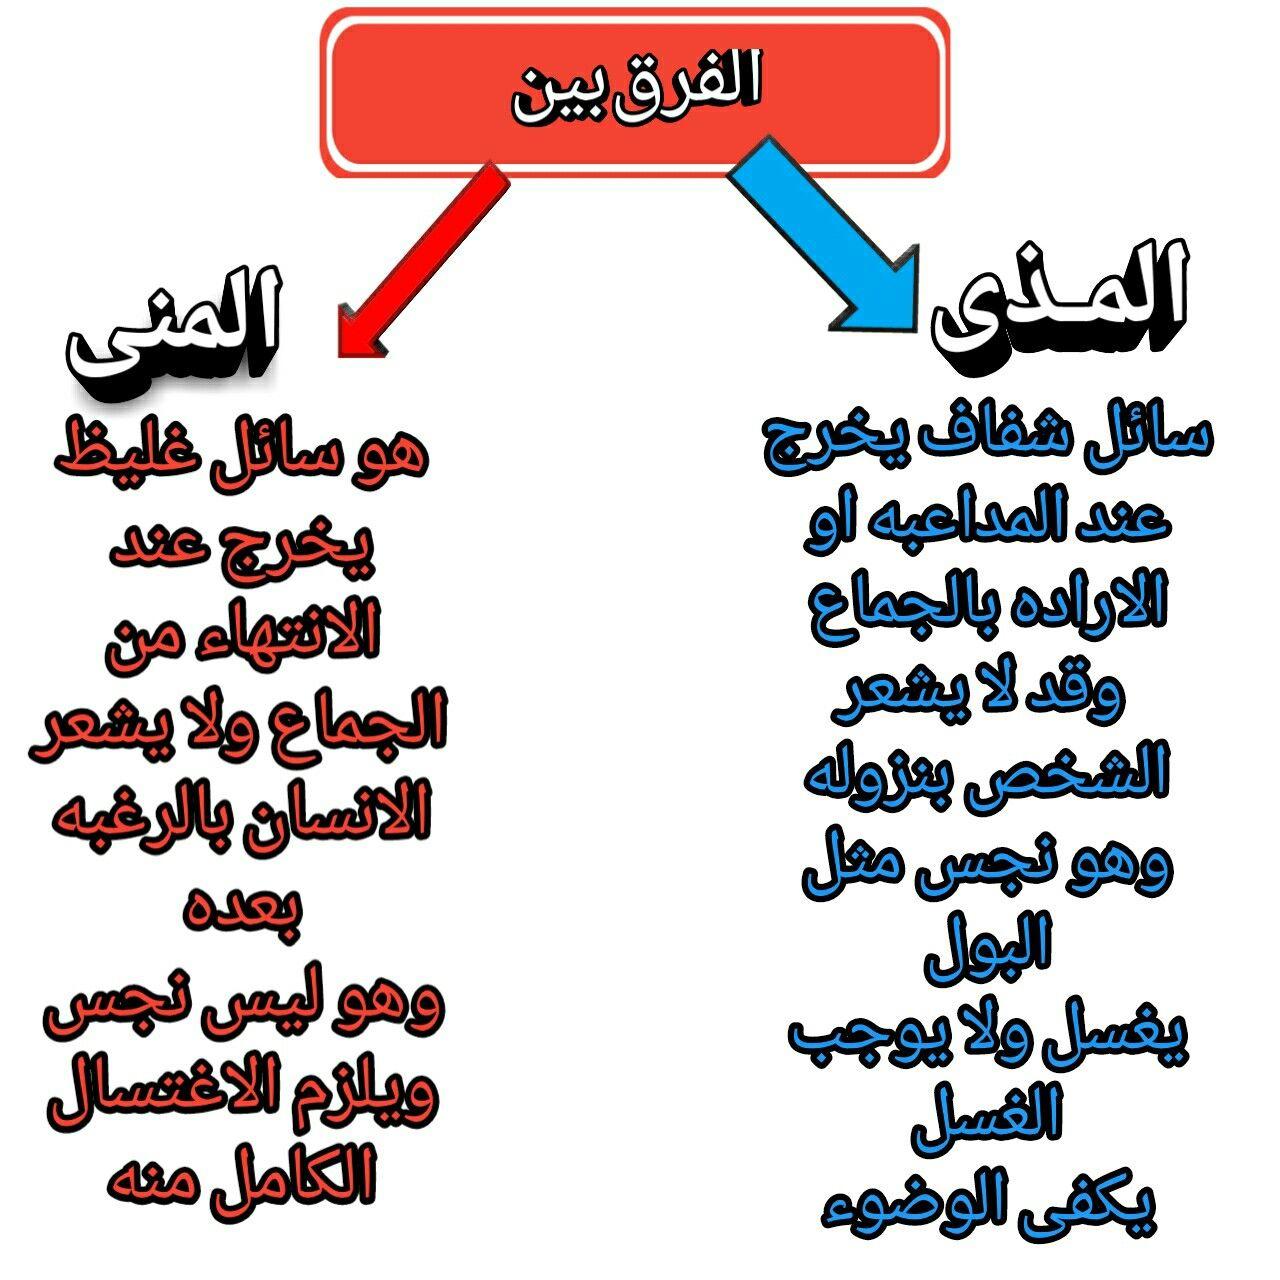 الفرق بين المنى والمذى المذى لا يبطل الصيام Arabic Calligraphy Calligraphy